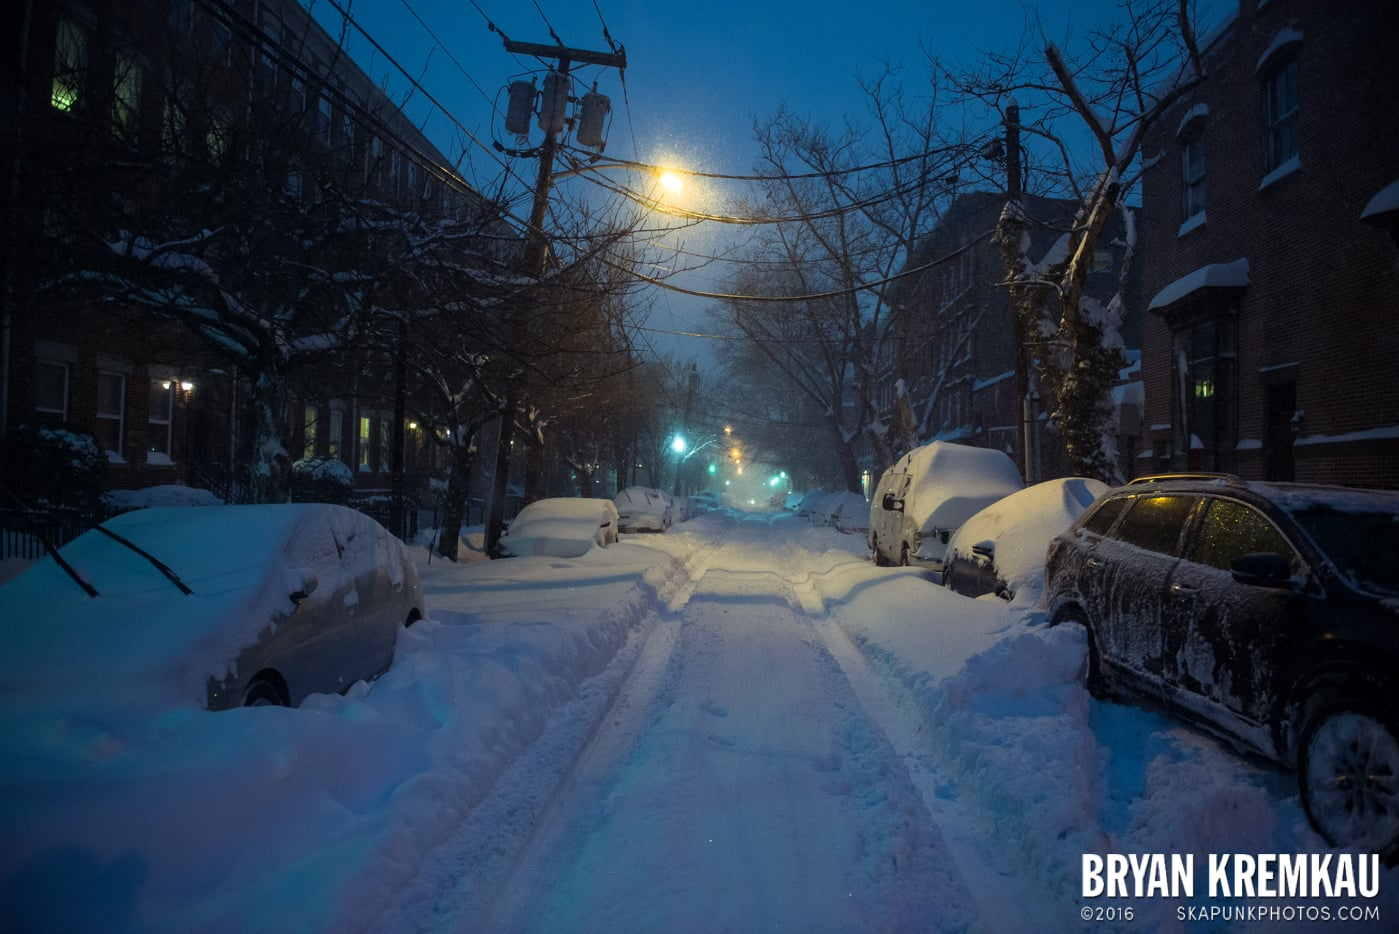 Blizzard 2016 in Jersey City, NJ - 1.23.16 (19)